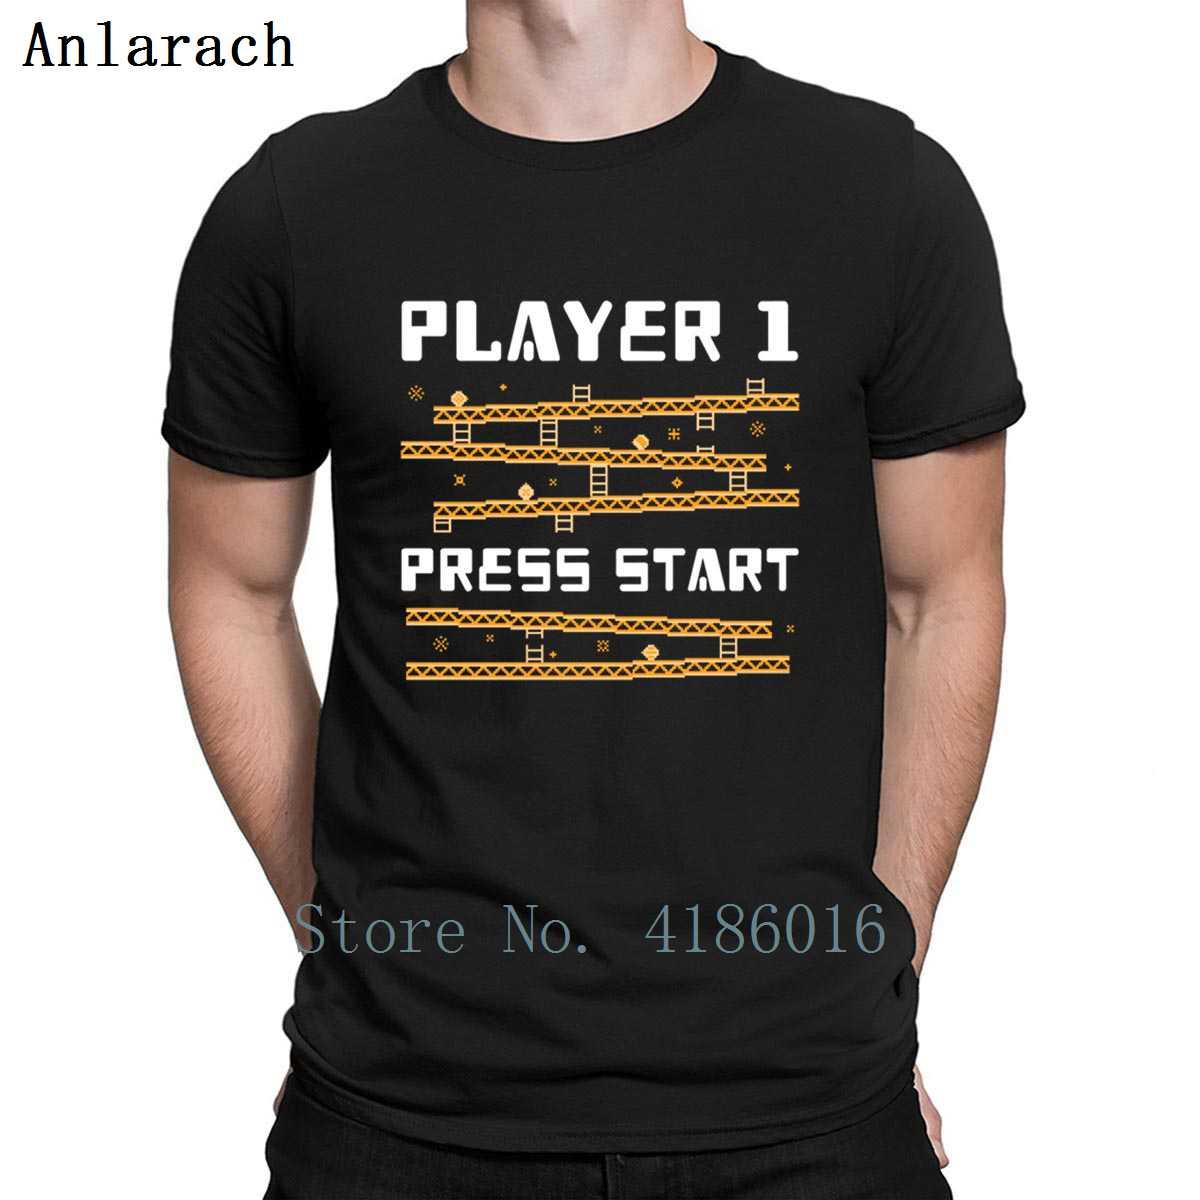 Pixel Art 8 Bit videojuego Gamer Vintage Retro regalo camiseta Casual crear Camiseta cuello redondo Unisex Vintage ajuste primavera camisa